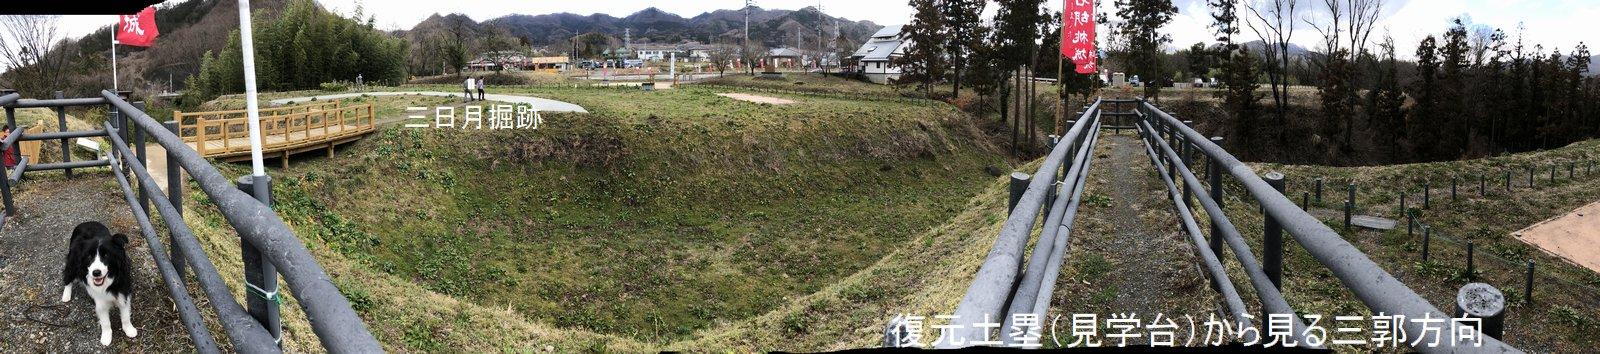 名胡桃城三郭パノラマ写真